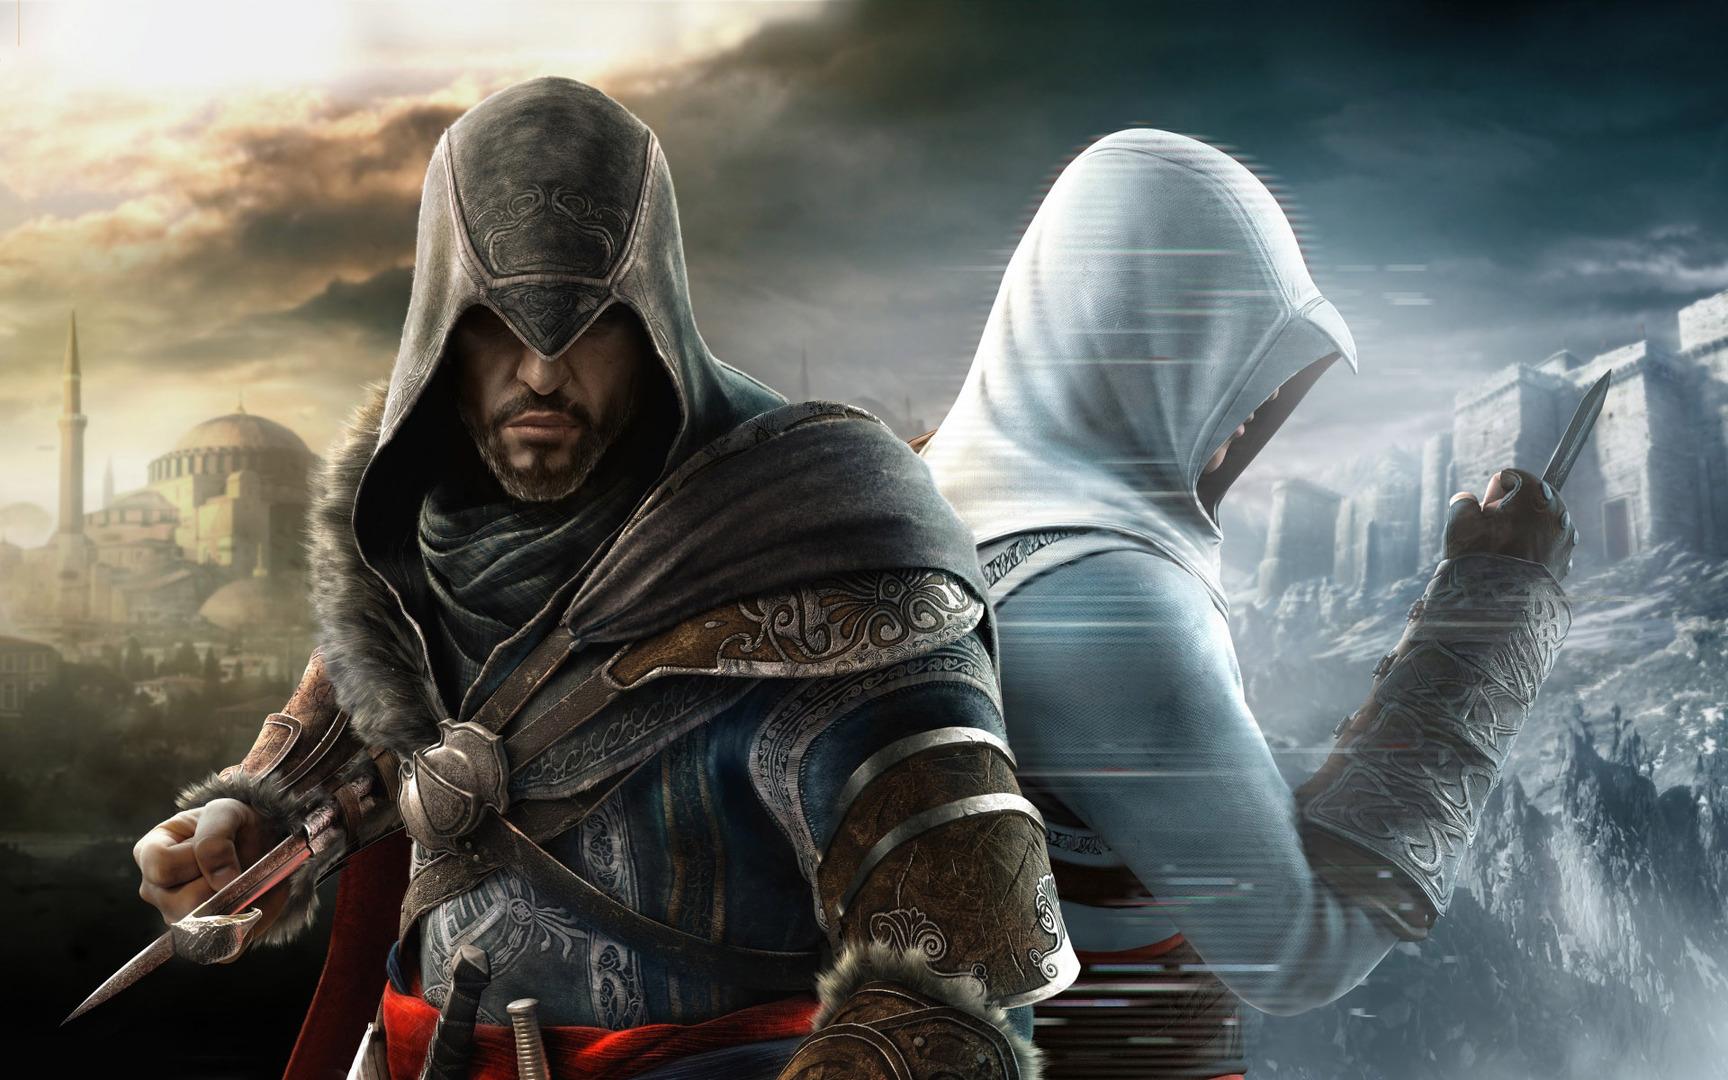 Assassin's Creed Revelations Wallpaper - WallpaperSafari